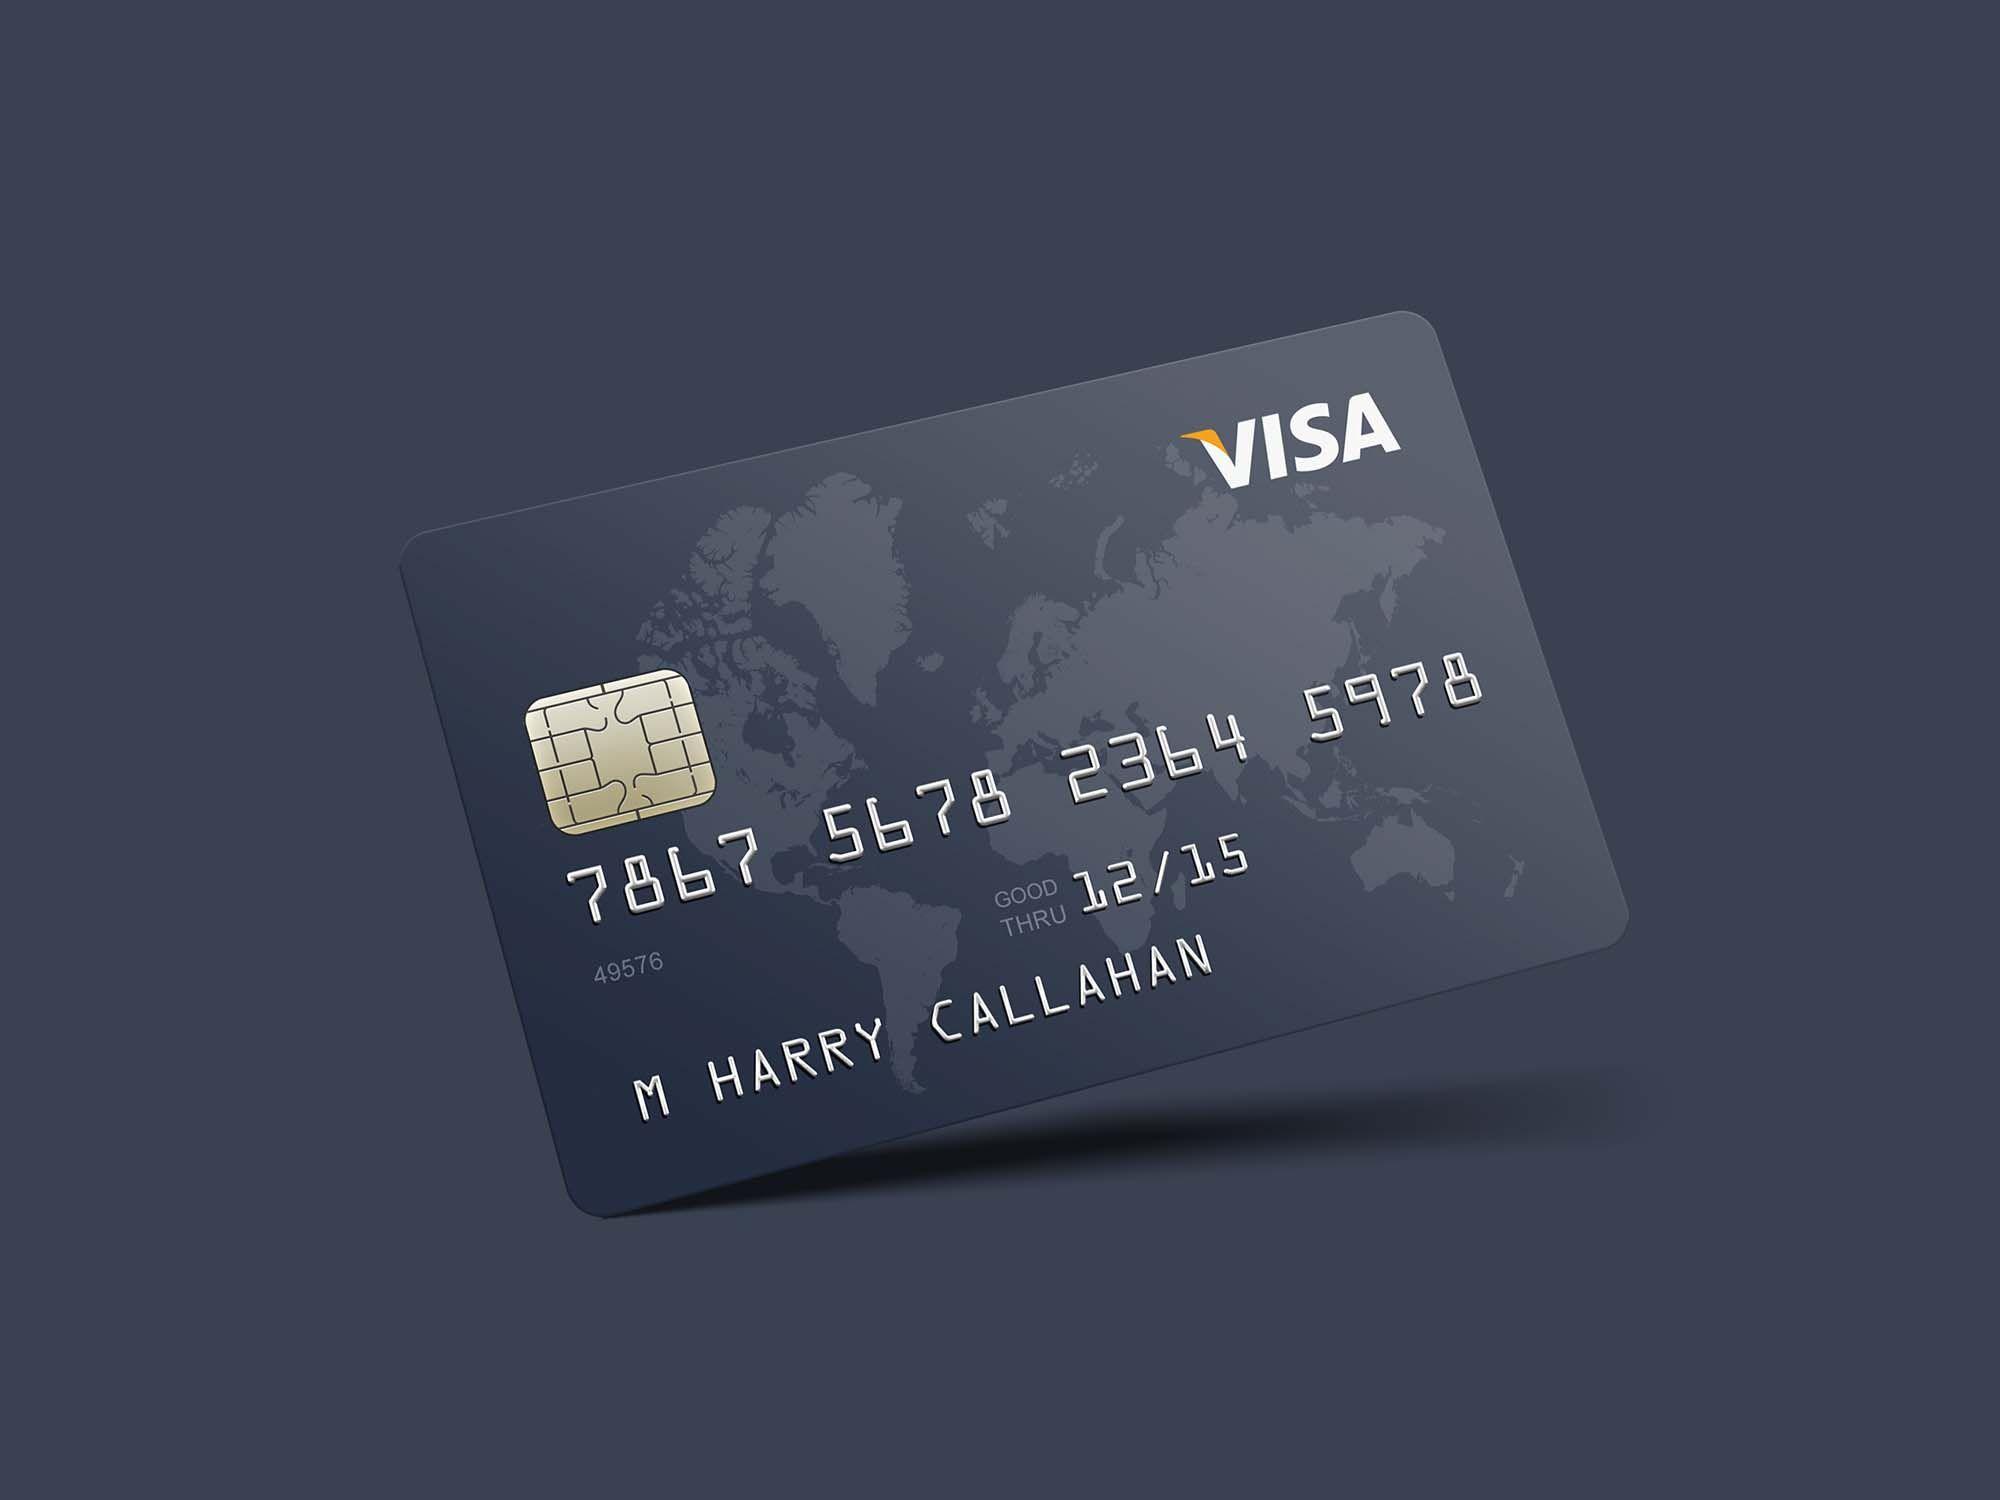 Credit Card Mockup Credit Card Design Business Cards Mockup Psd Credit Card Hacks